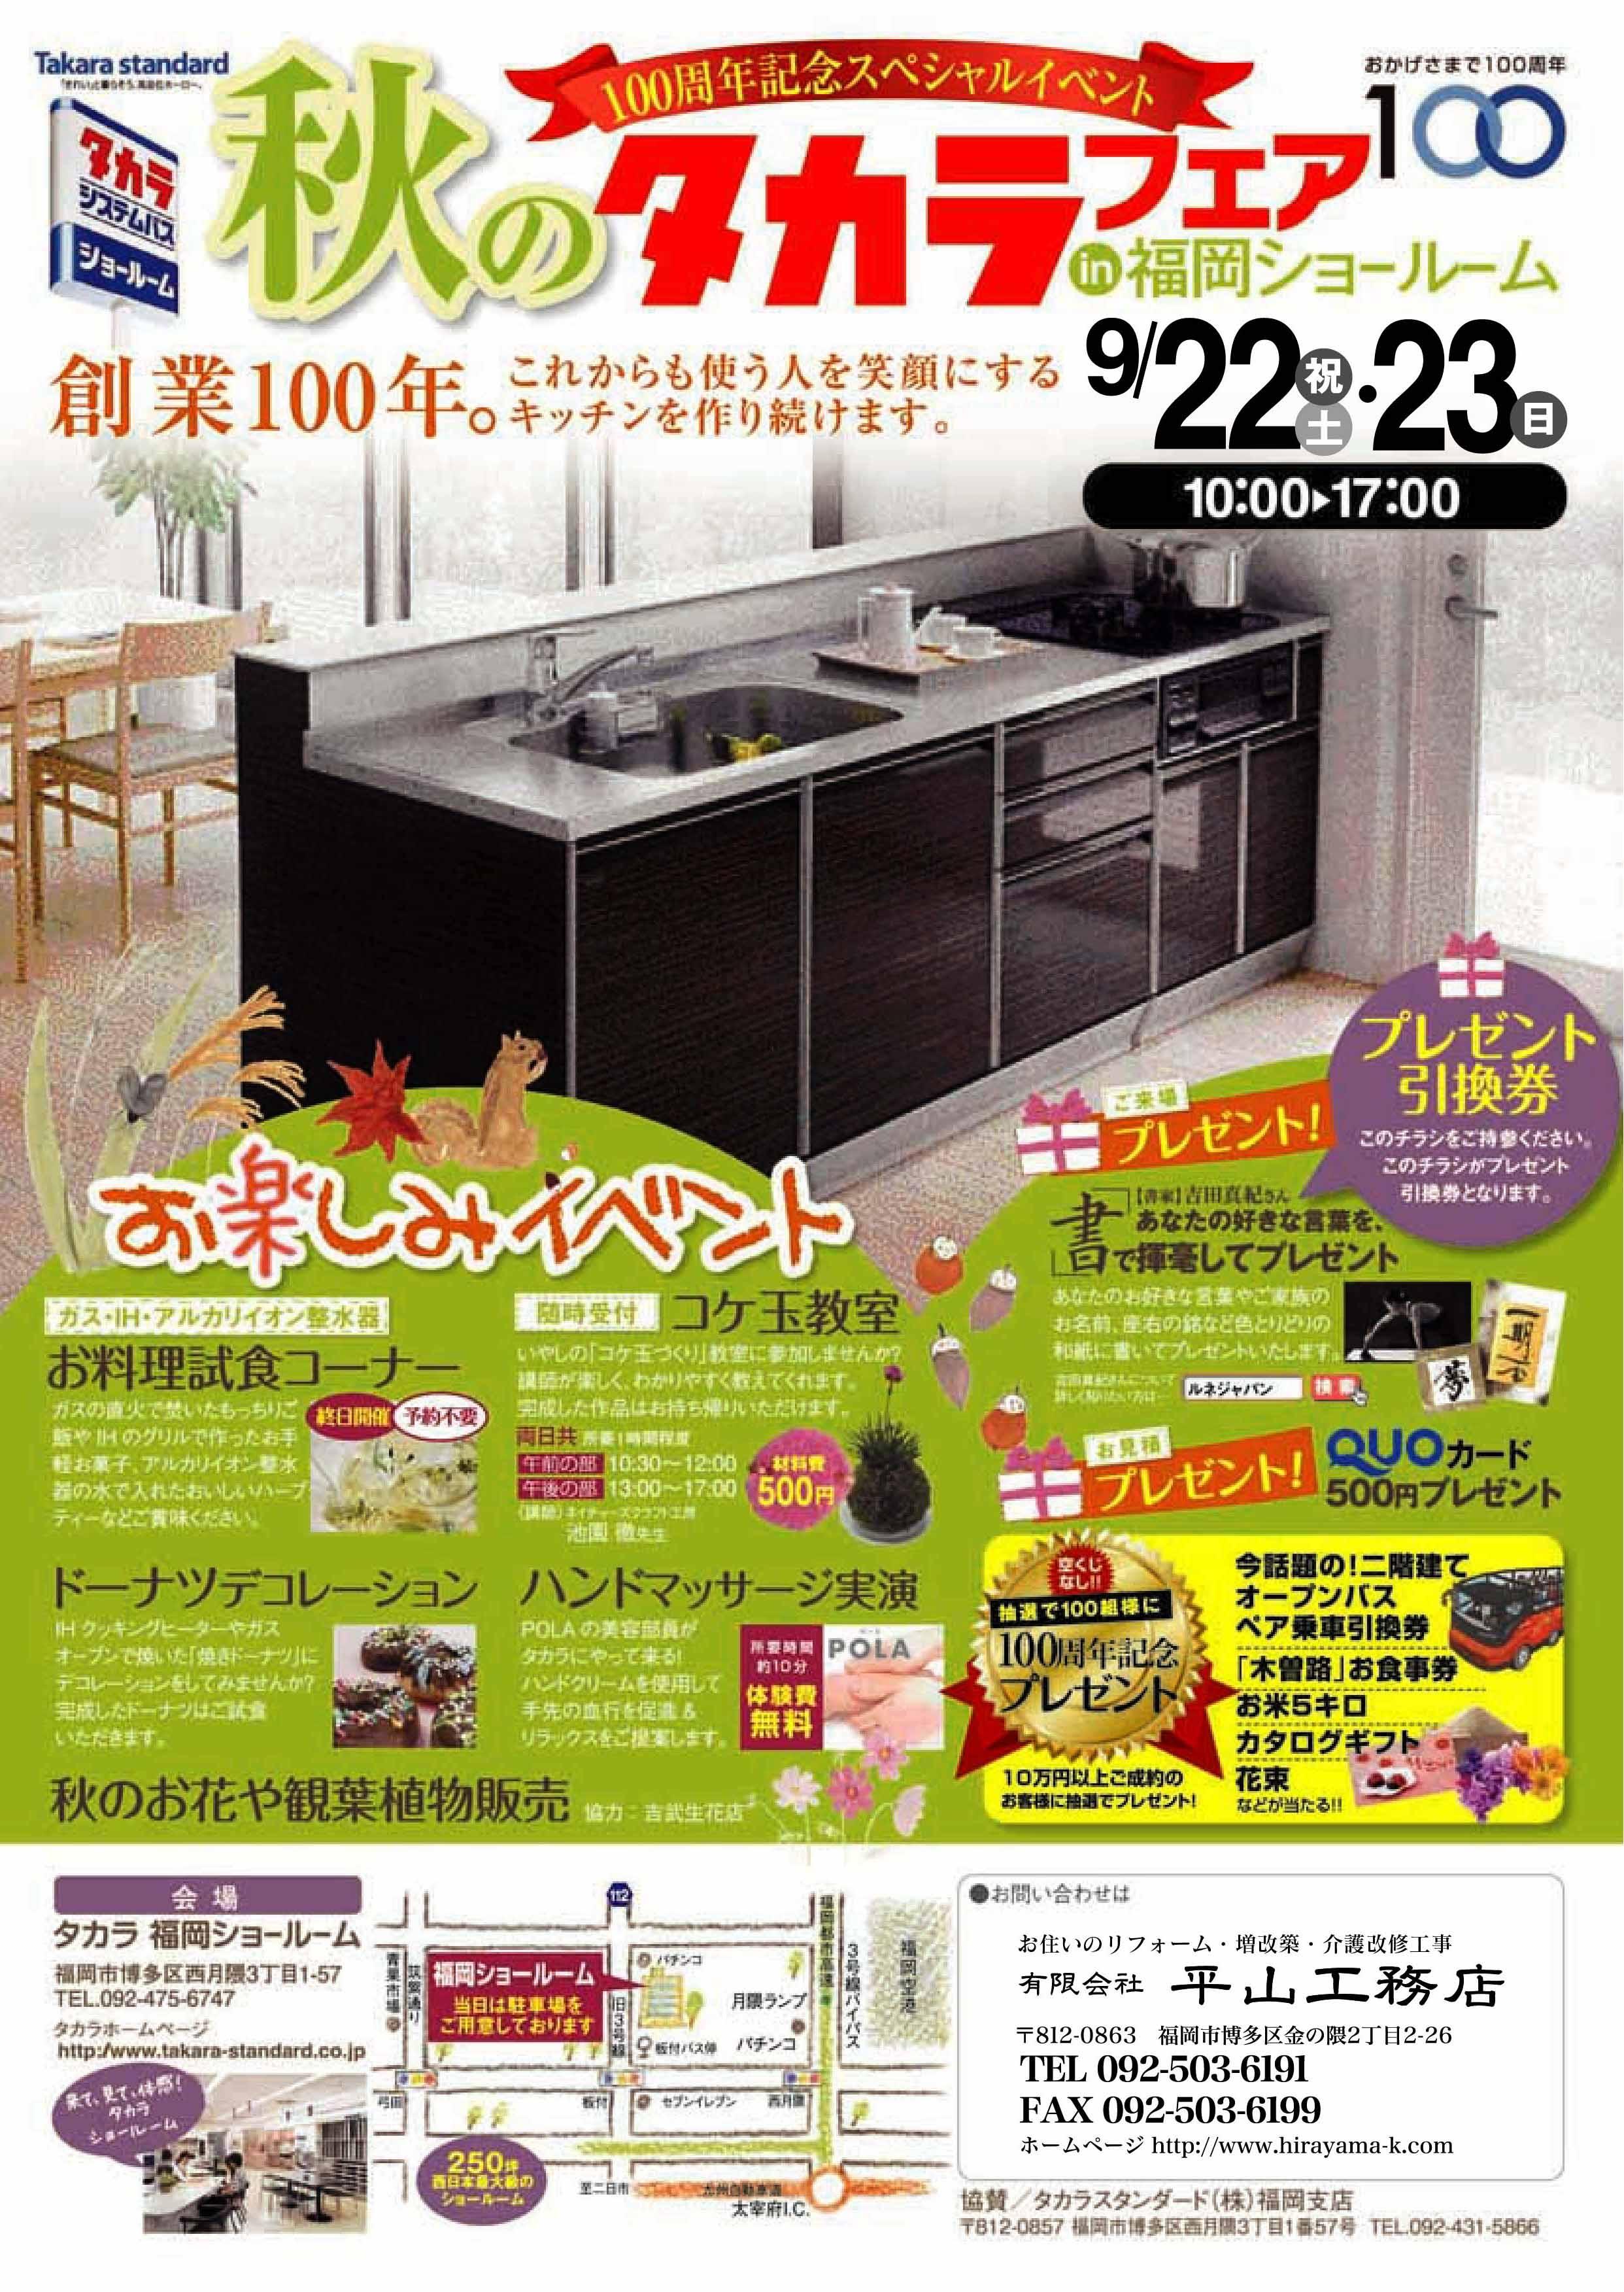 http://www.hirayama-k.com/blog/items/2012/09/21/%E5%B9%B3%E5%B1%B1%E5%B7%A5%E5%8B%99%E5%BA%972%E3%80%80%E3%83%AD%E3%82%B4.jpg